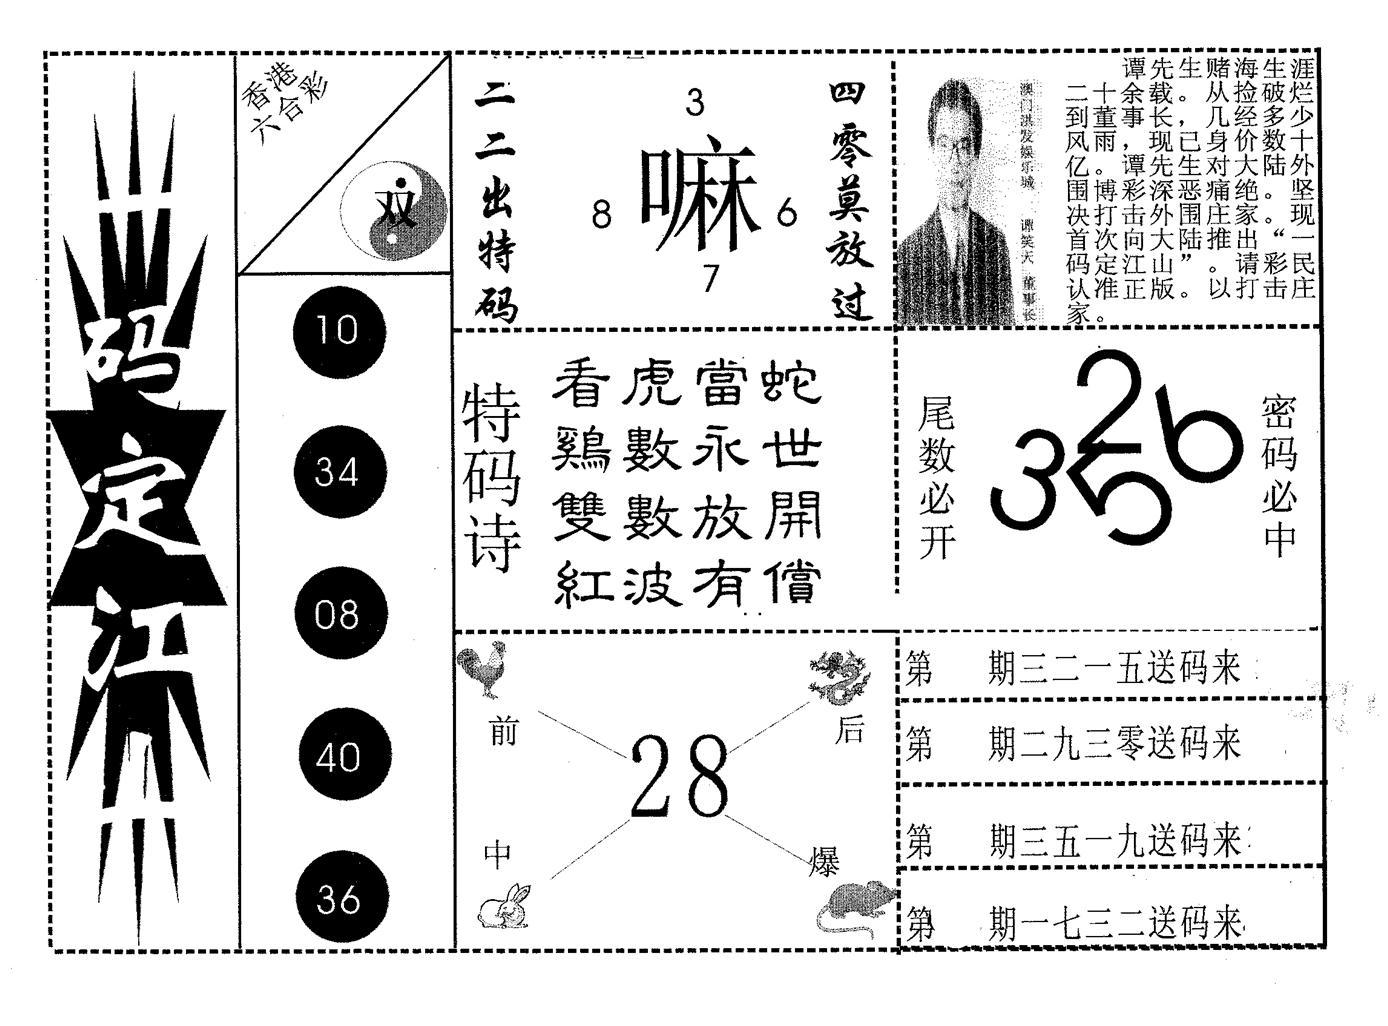 080期一码定江山(黑白)